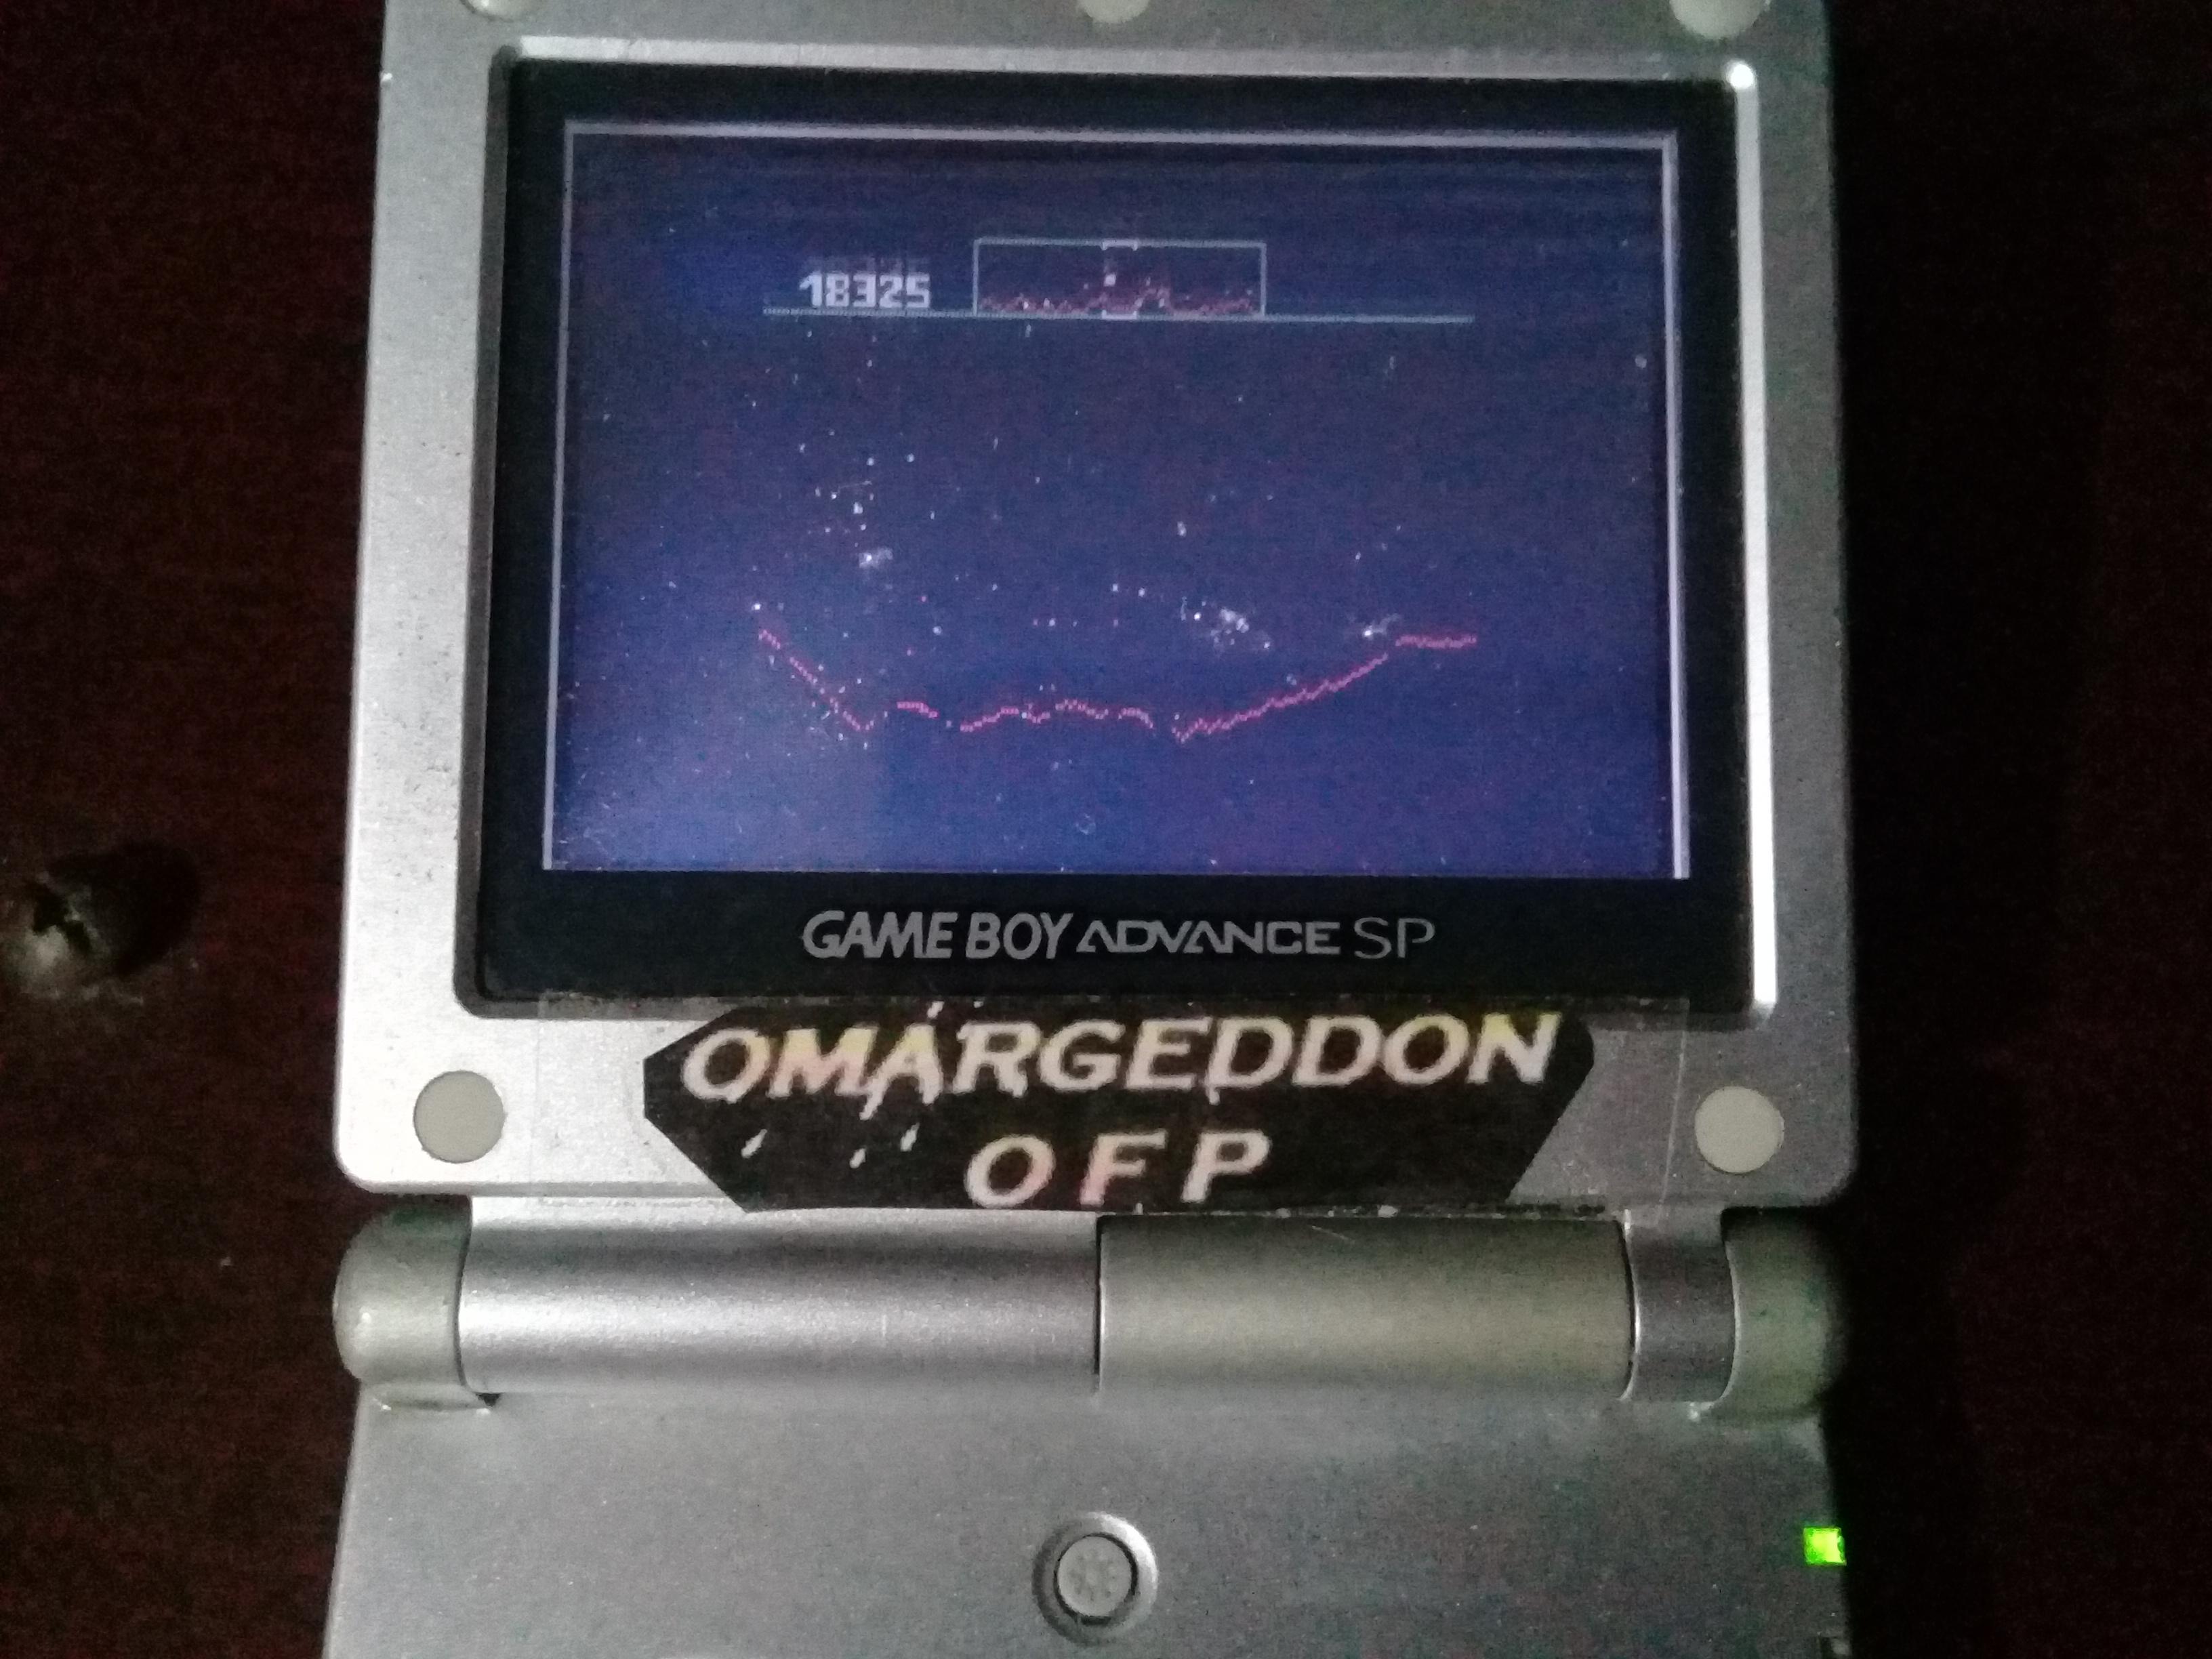 omargeddon: Defender (Game Boy Color) 18,325 points on 2019-02-27 22:36:31